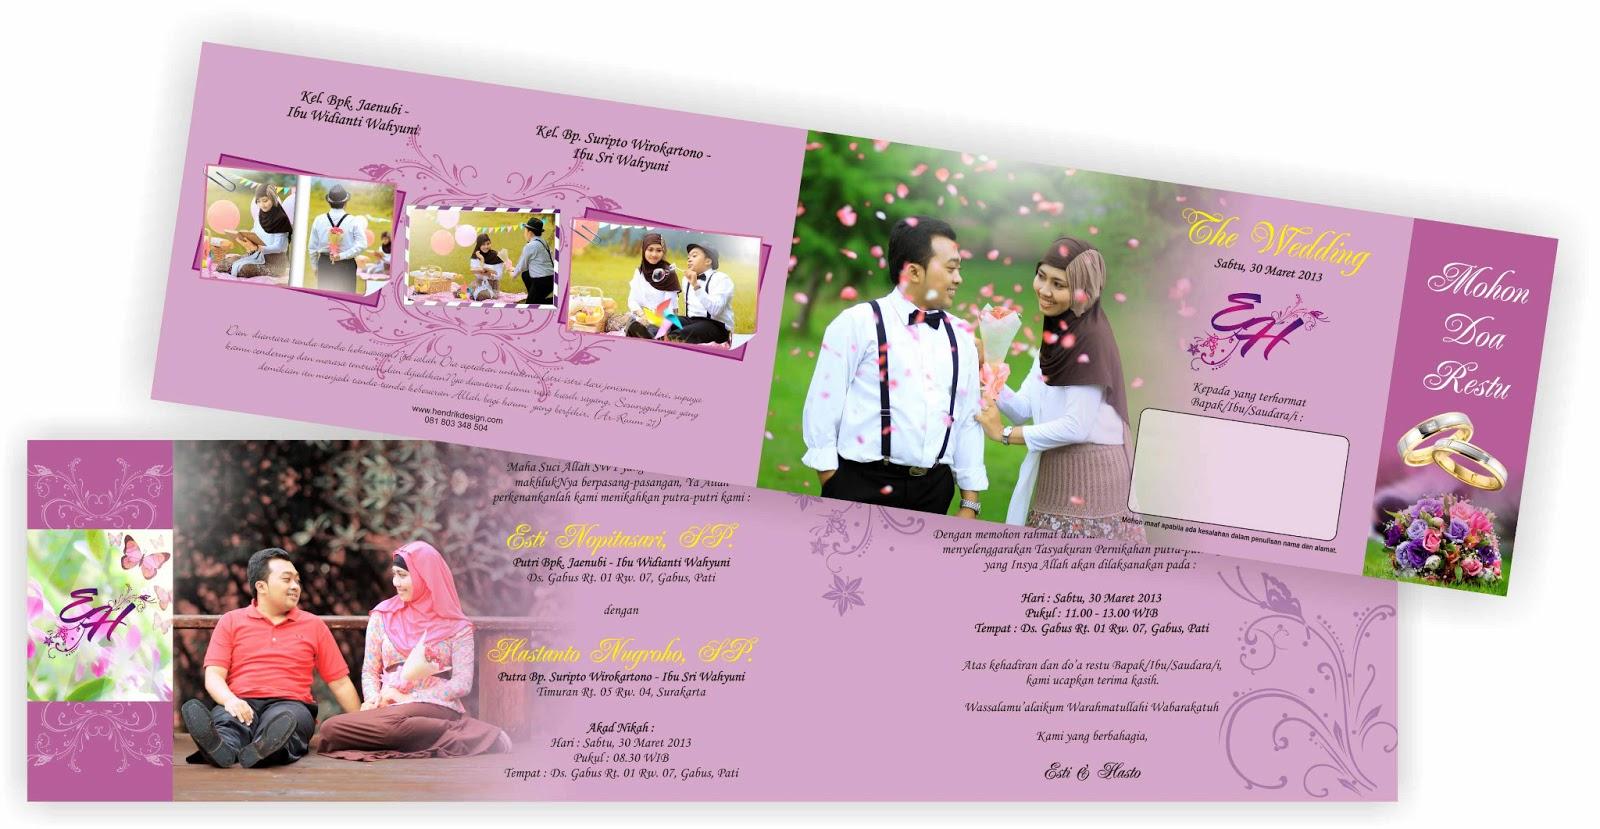 contoh undangan pernikahan bahasa jawa